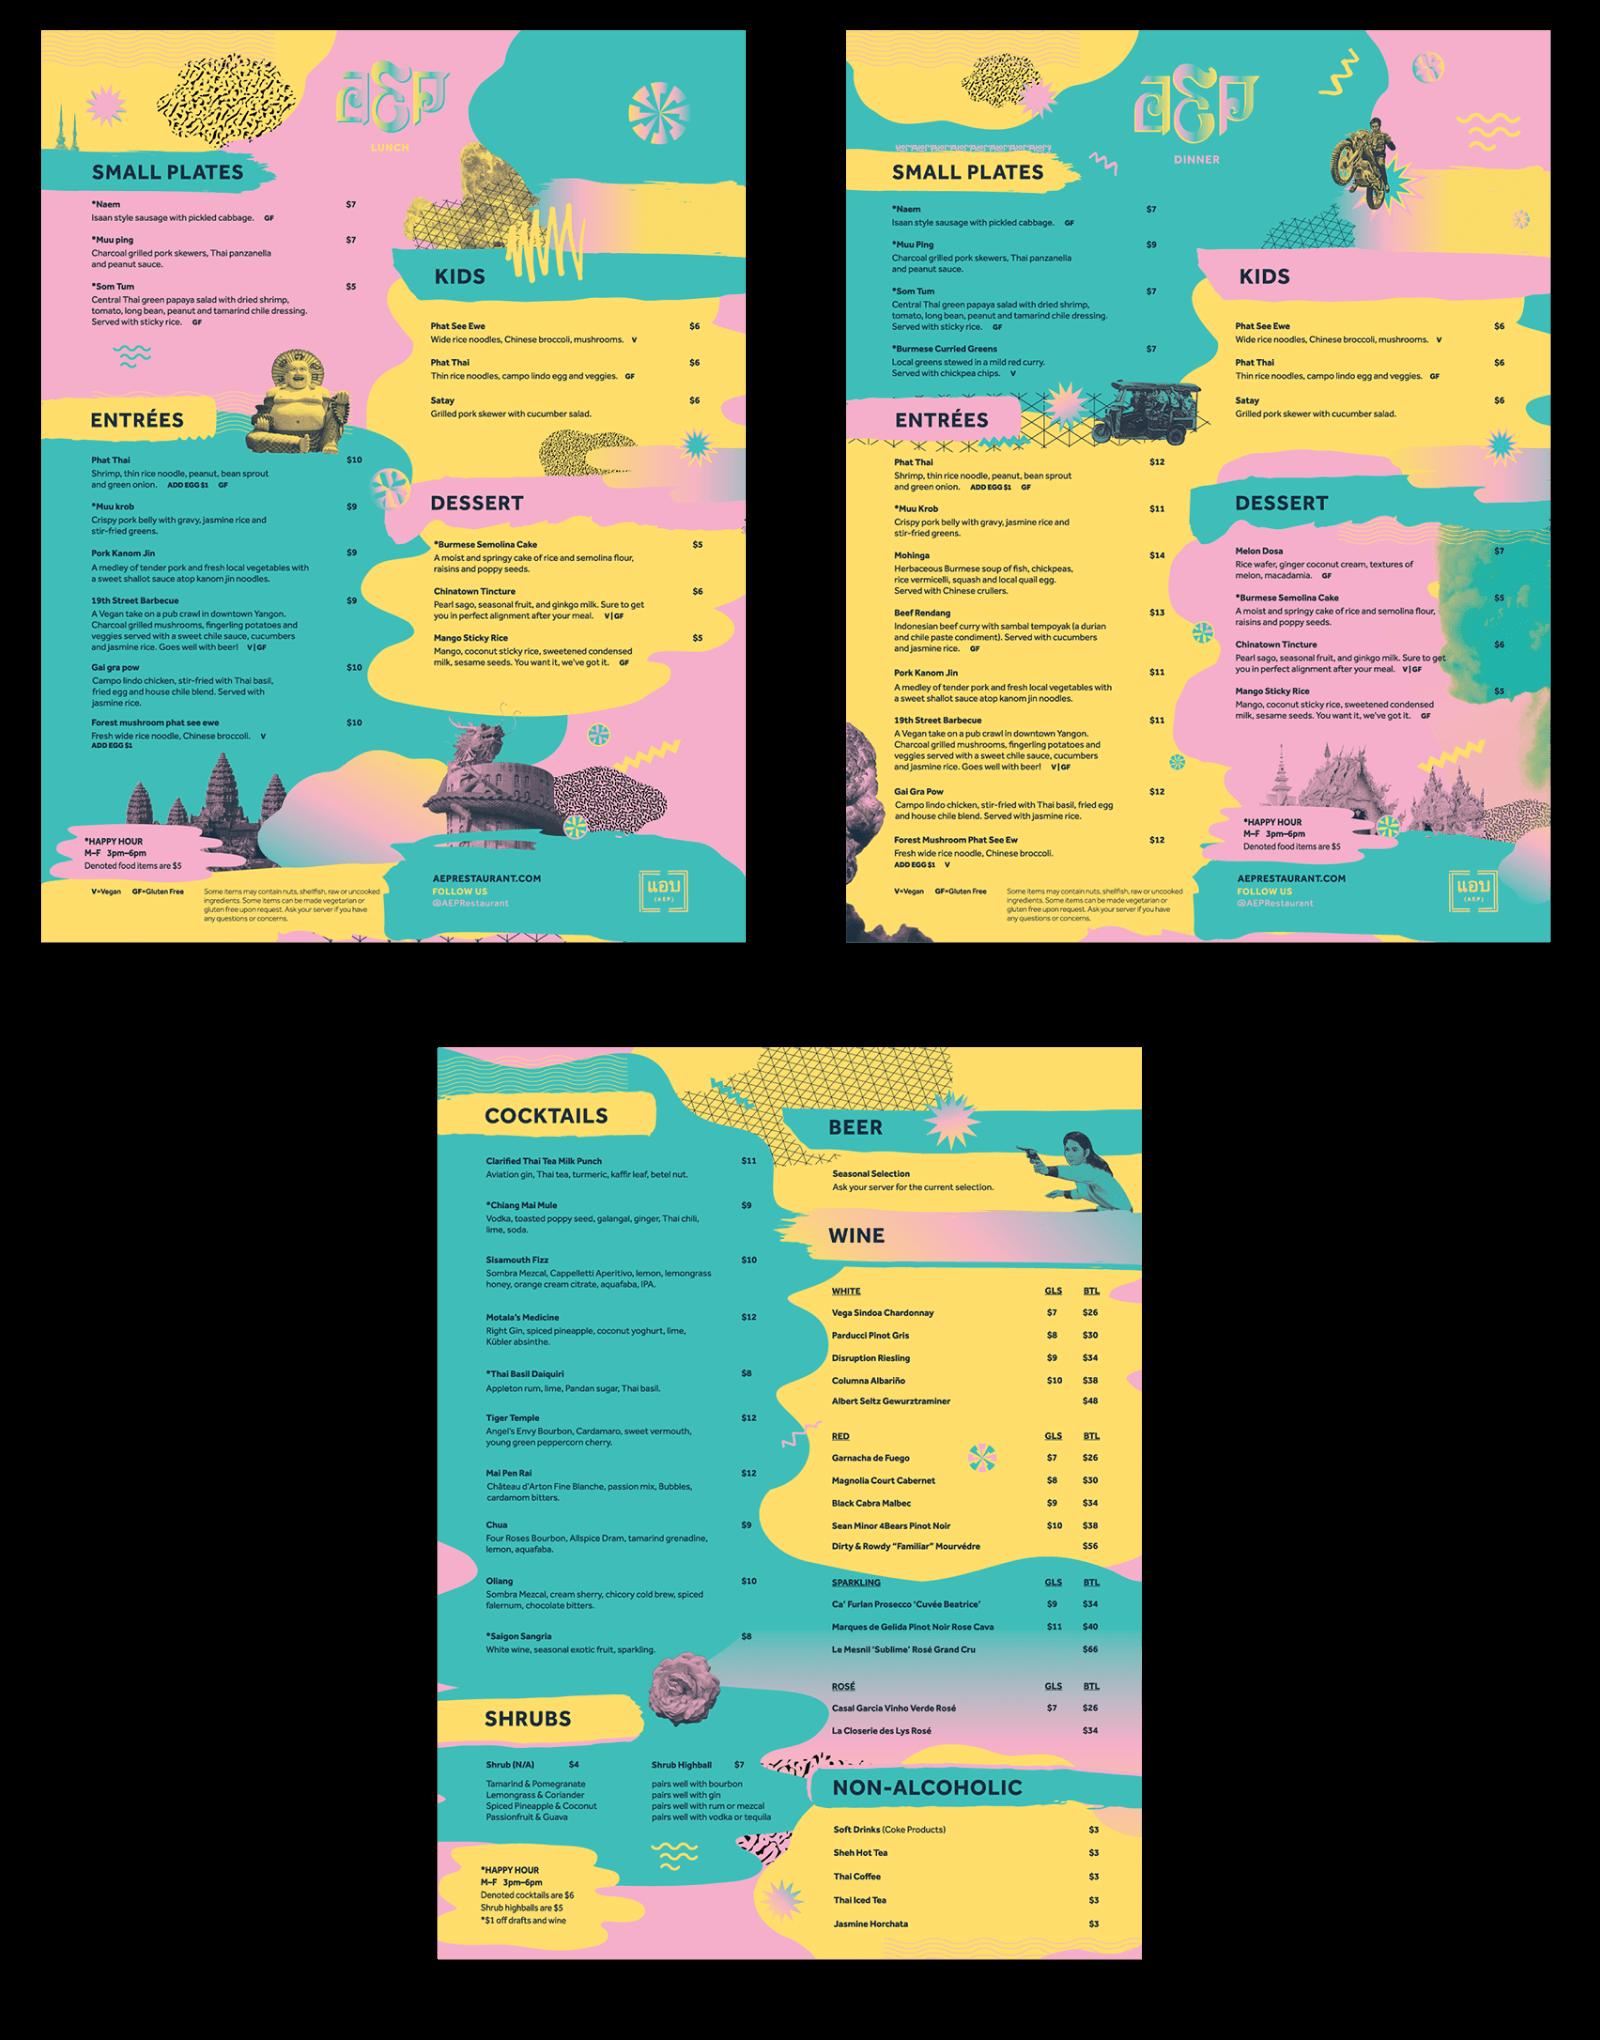 SSWeb-AEP-Pink-Restaurant Season-Two-Menus